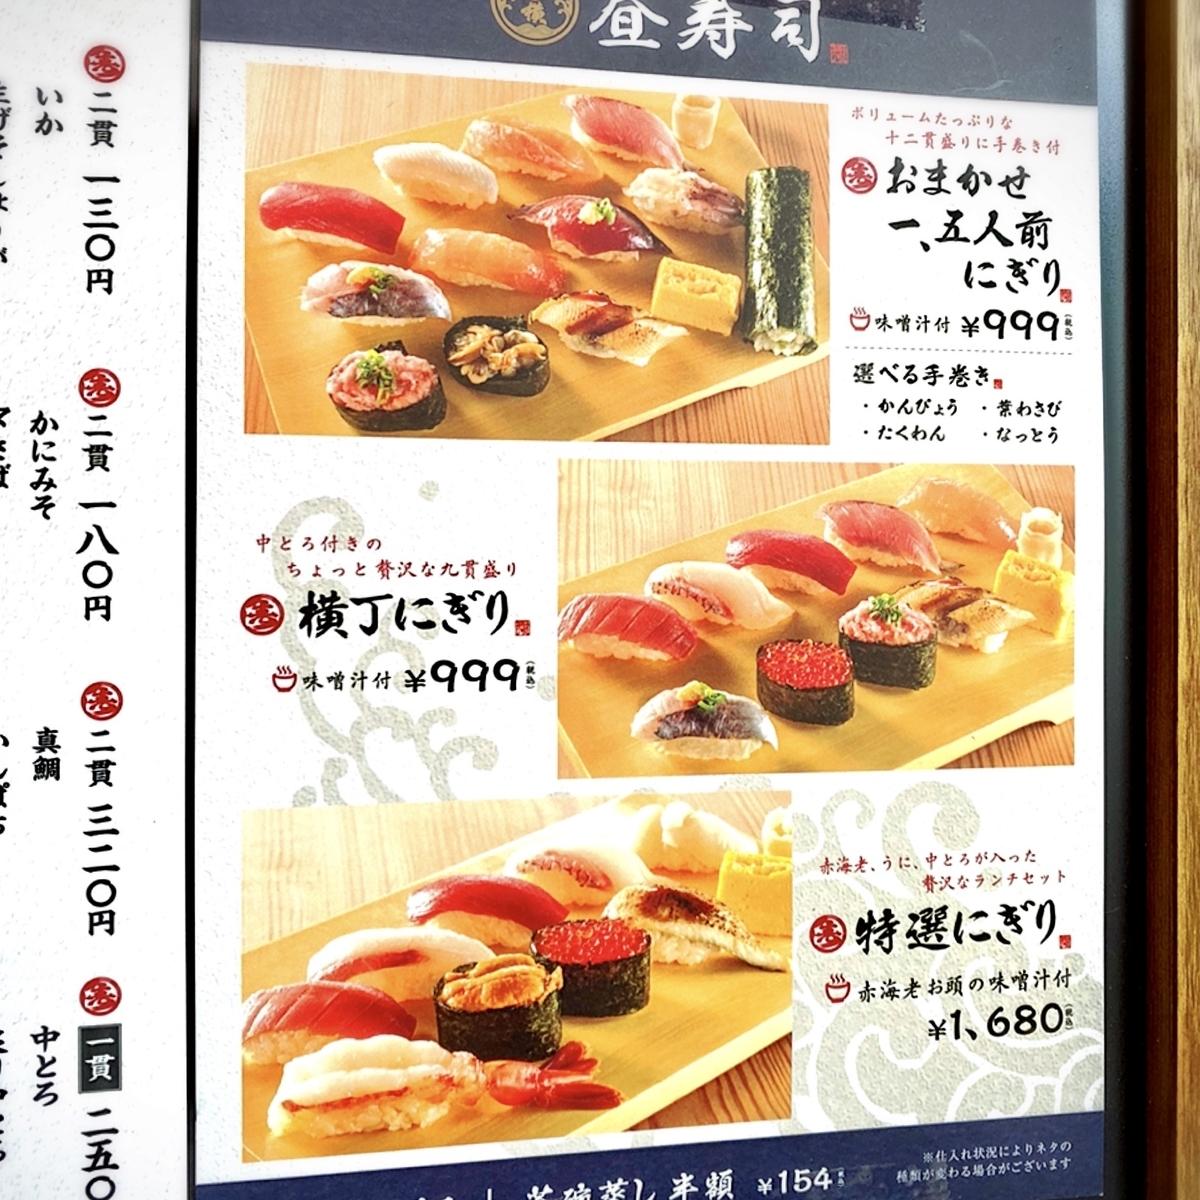 「立ち寿司横丁 吉祥寺」のランチメニューと値段